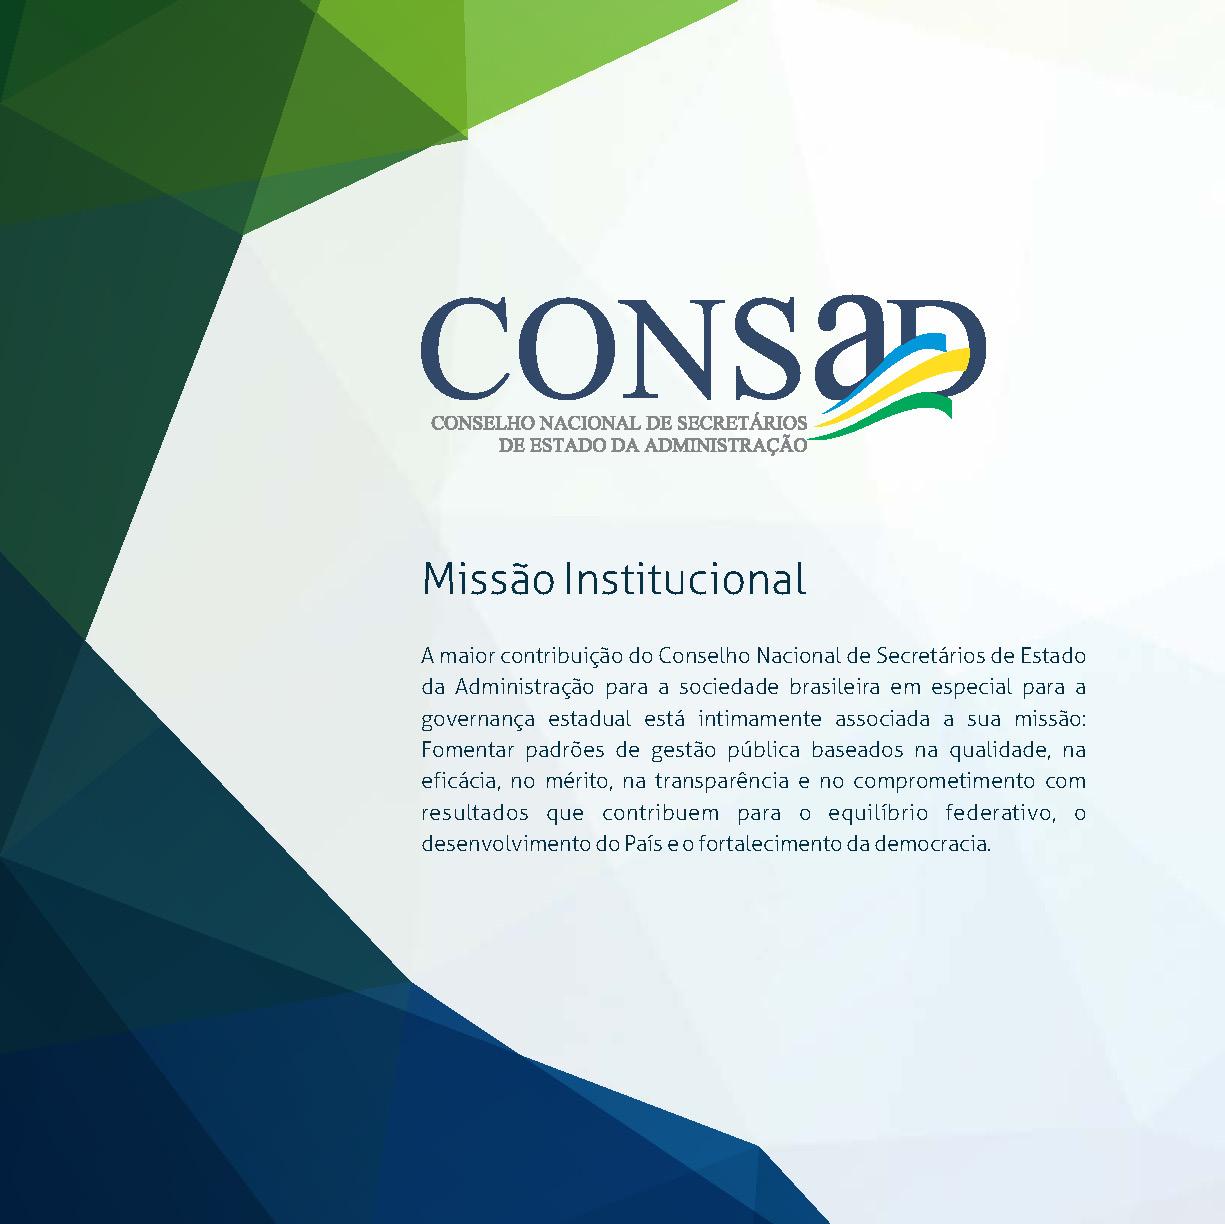 VIII Congresso Consad - Caderno Patrocinio V7_Page_04